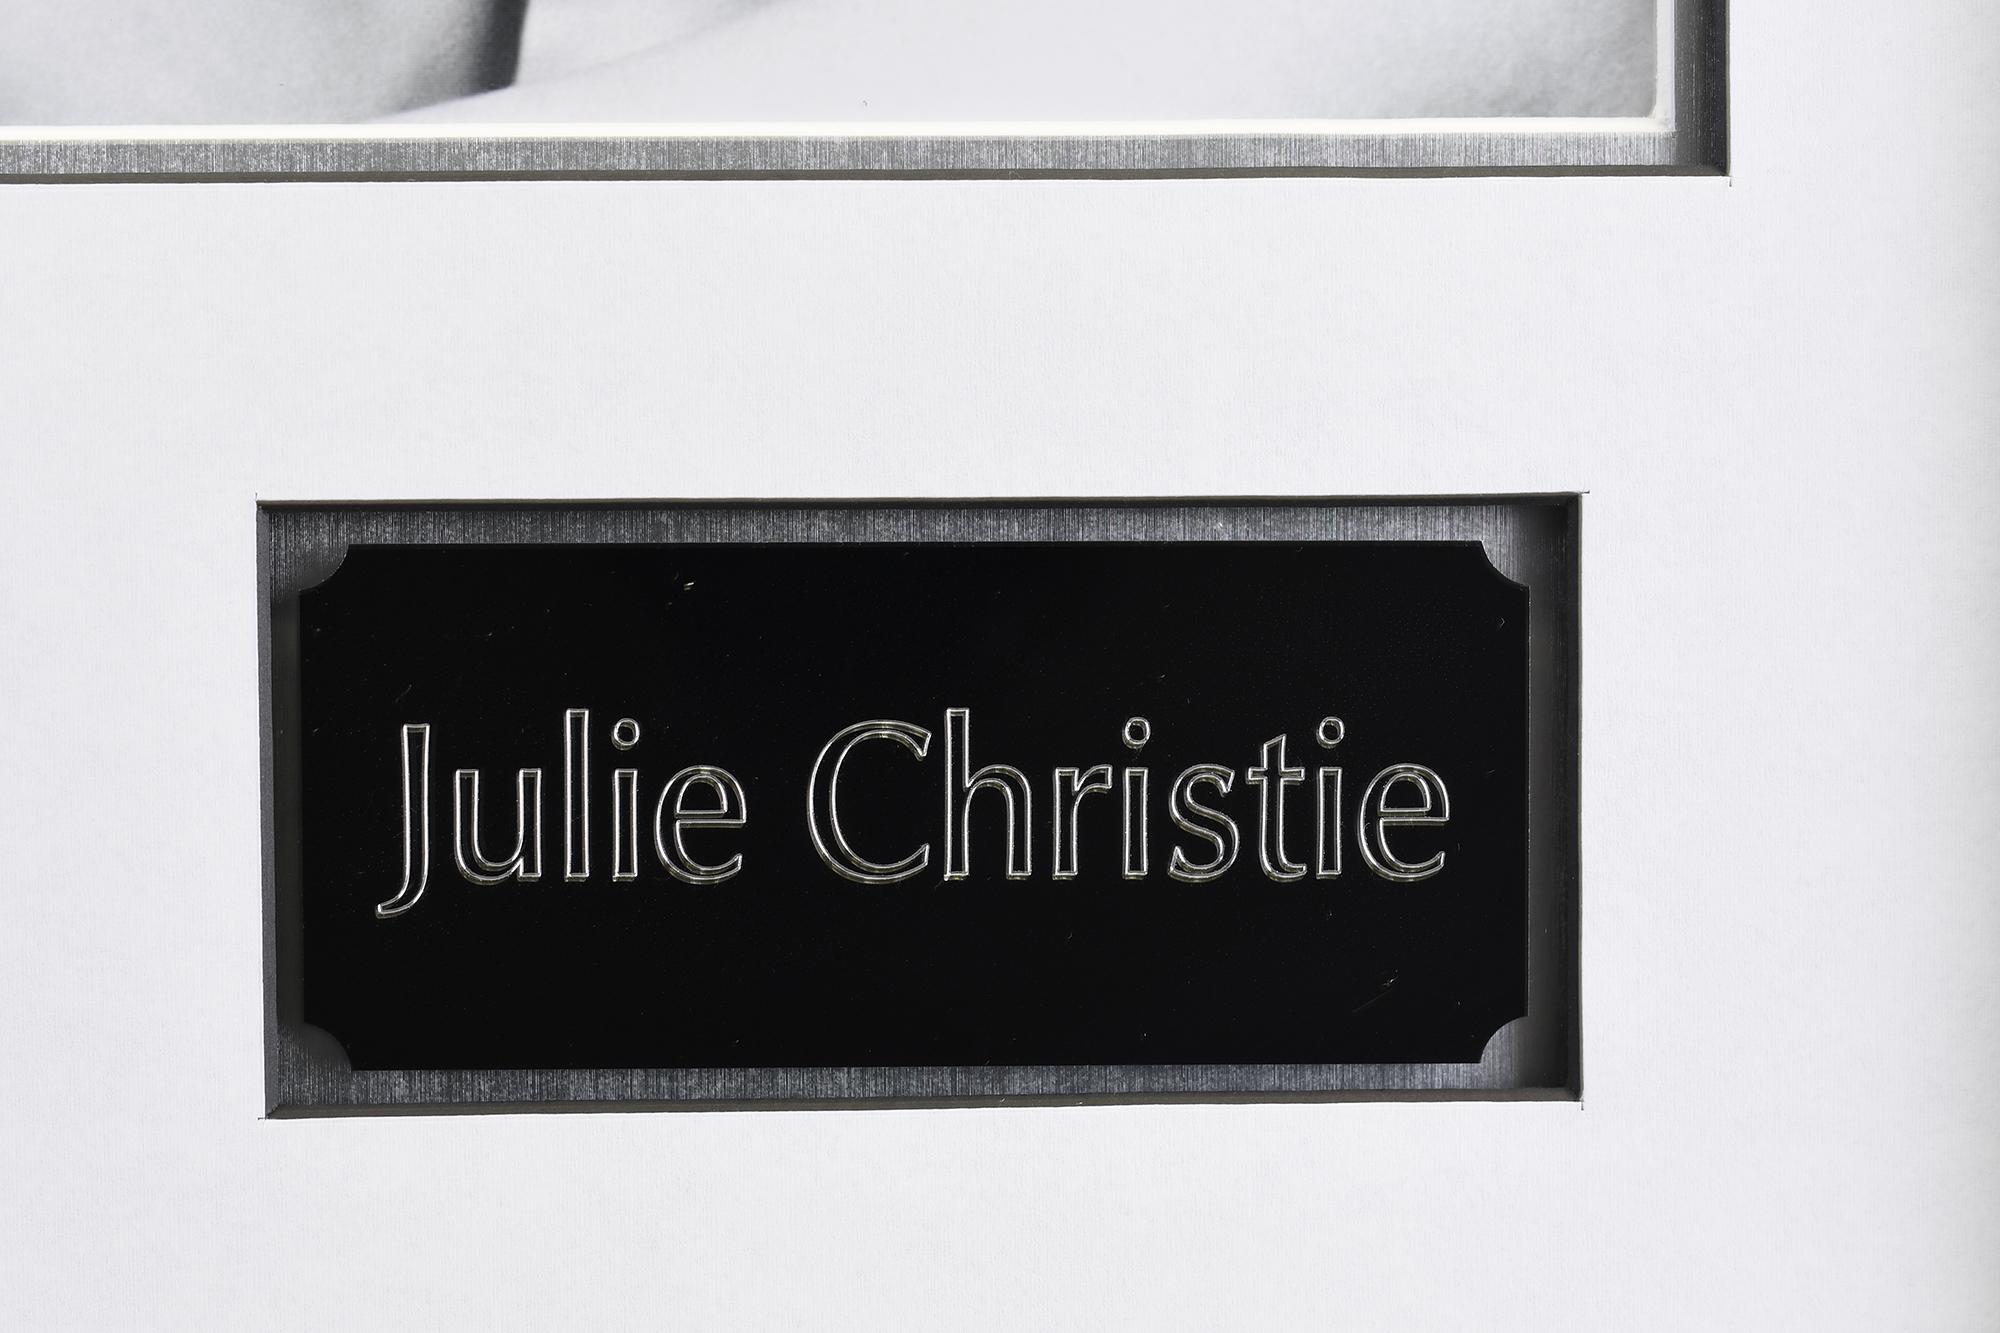 Julie Christie Memorabilia Framed Presentation - Image 6 of 7